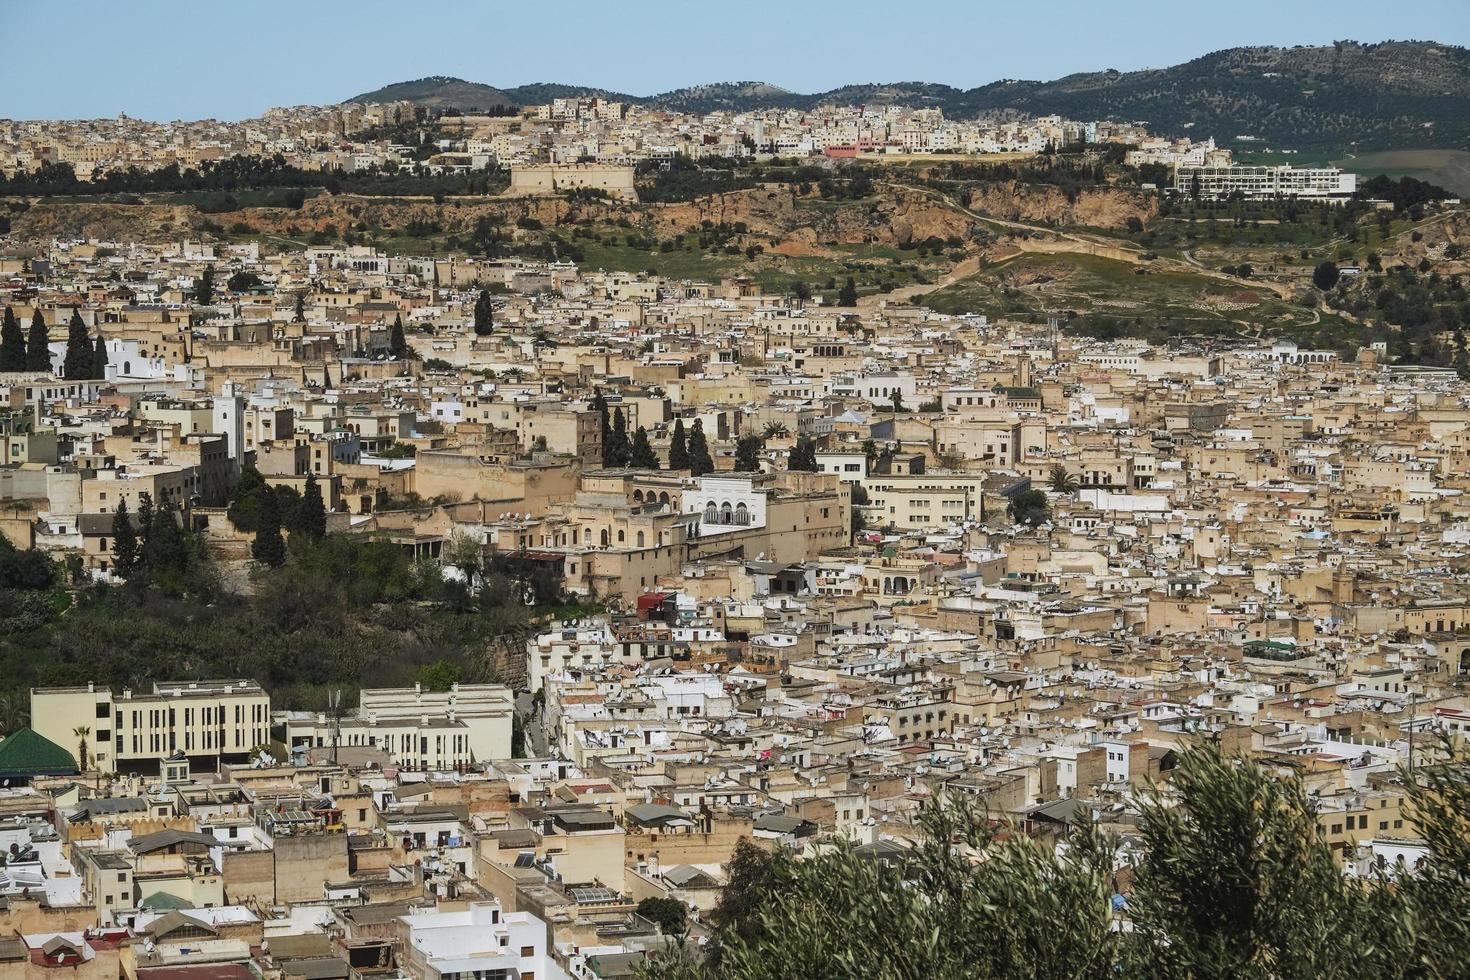 Vue aérienne de la médina de Fès, Maroc photo